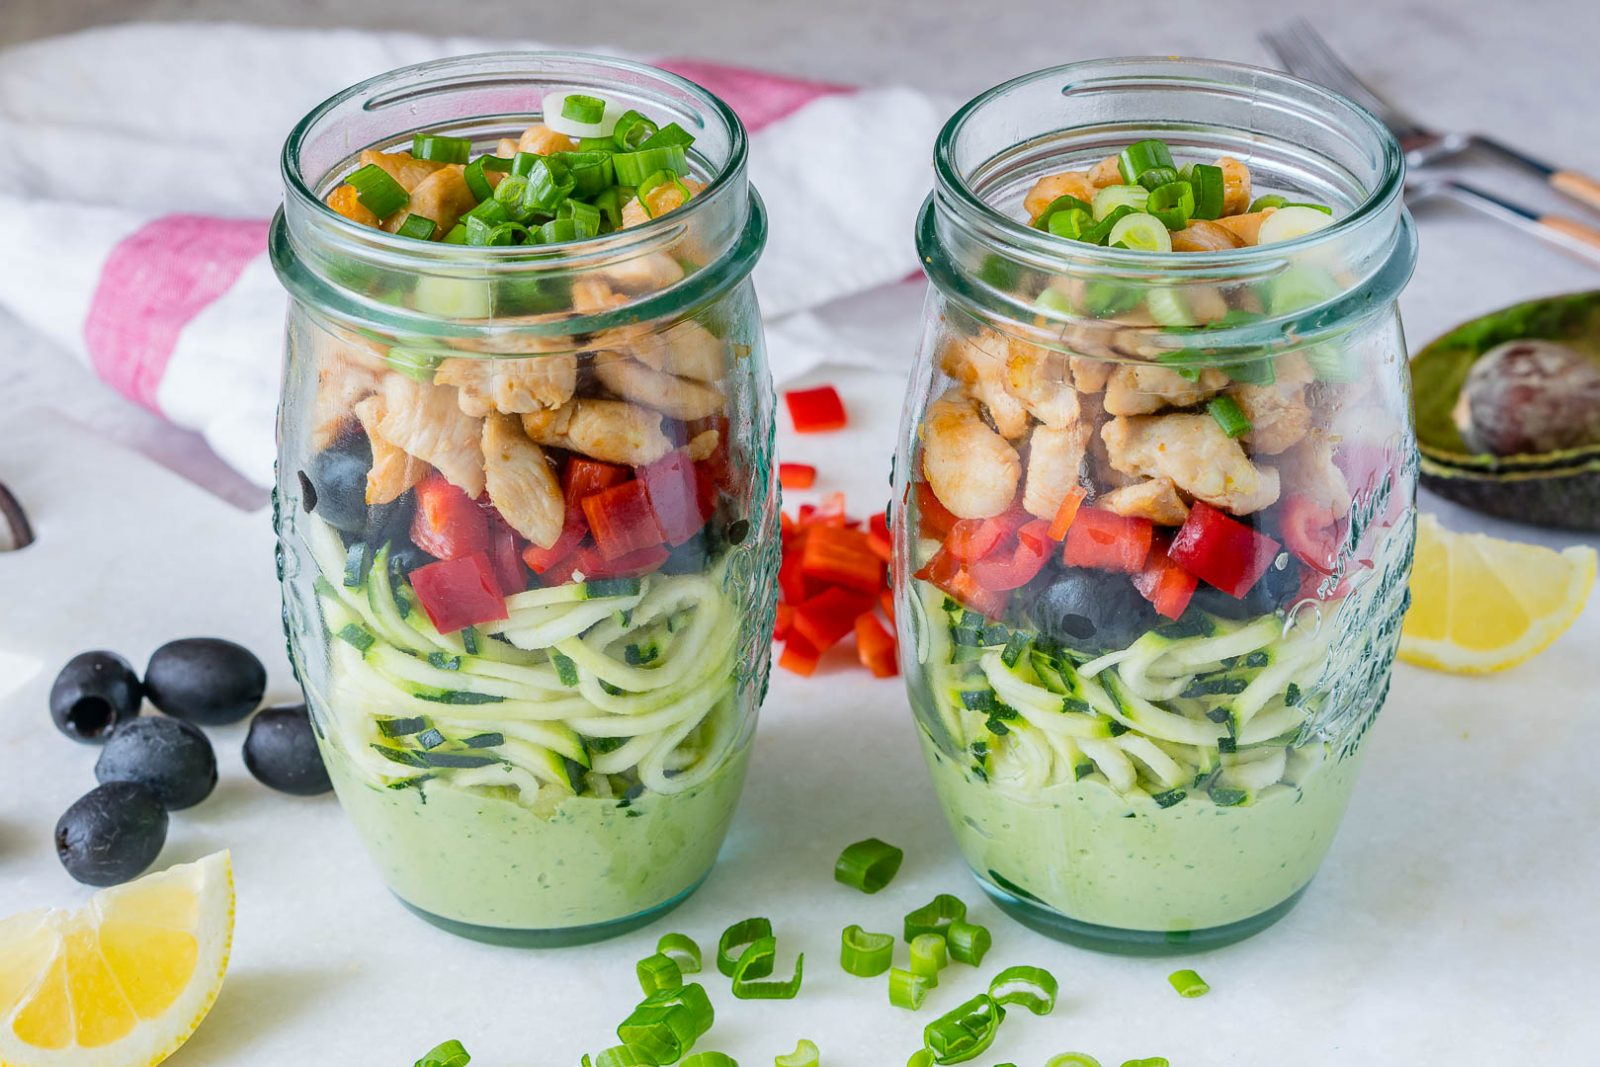 Здравословно готвене и съхранение на храната